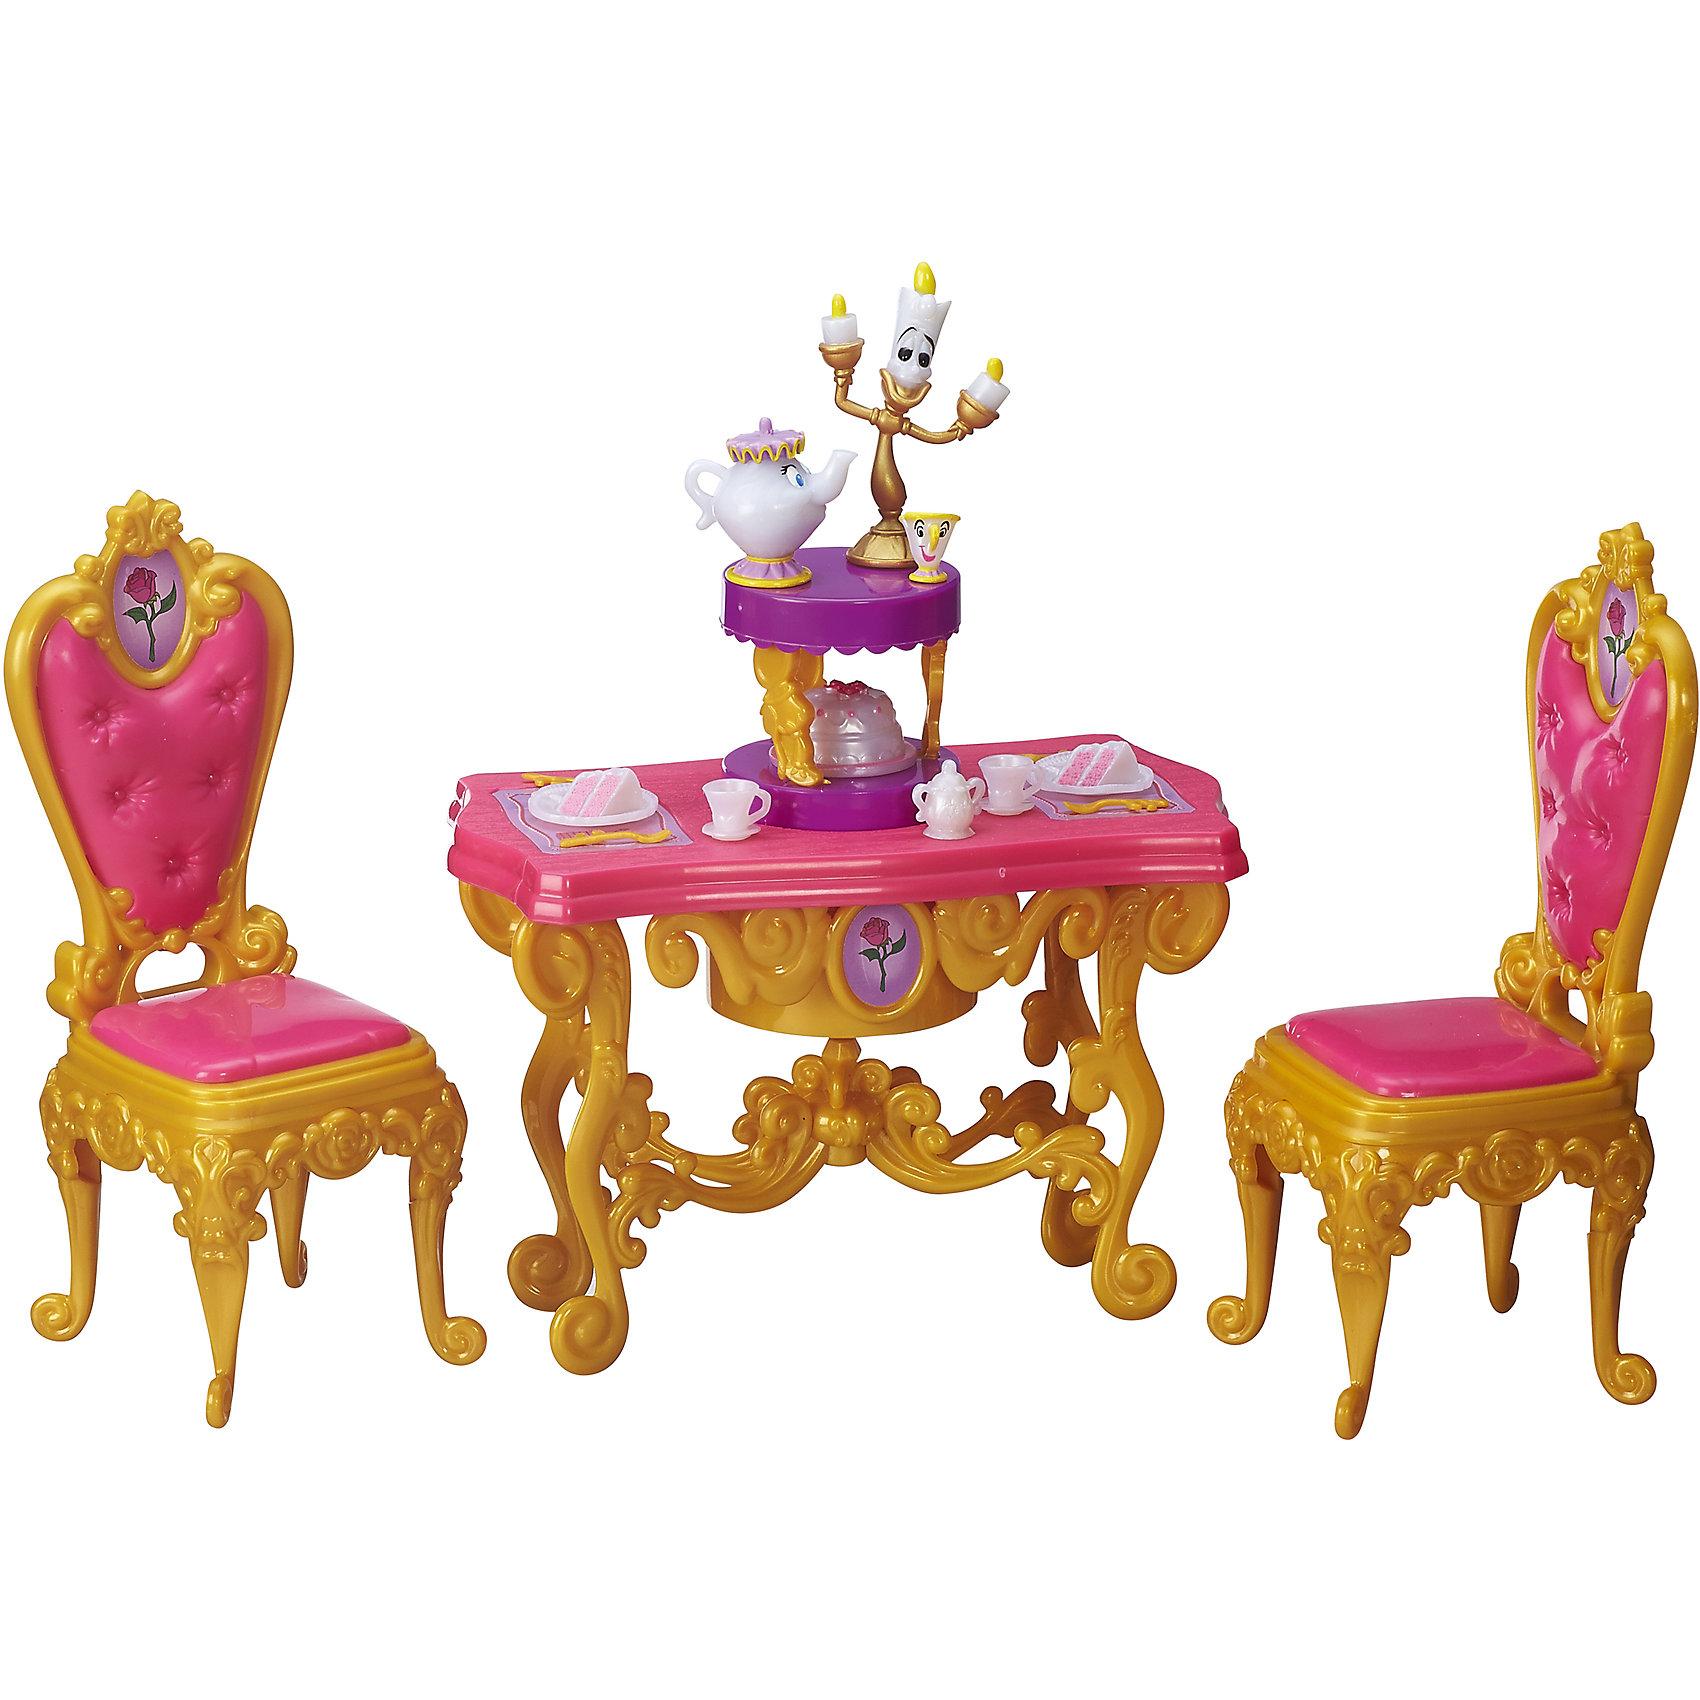 Игровой набор для ужина Белль, Принцессы Дисней, B5309/B5310Игровой набор, Принцессы Дисней, B5309/B5310.<br><br>Характеристики:<br><br>- В наборе: фигурка Миссис Поттс; фигурка Чипа; фигурка Люмьера; стол; 2 стула; набор для чаепития; угощения, столовые приборы; сахарница<br>- Кукла не входит в комплект<br>- Материал: высококачественный пластик<br>- Размер упаковки: 8,1х30,5х25,4 см.<br>- Вес упаковки: 543 г.<br><br>Яркий гламурный набор для ужина красавицы-принцессы Белль из мультфильма Диснея Красавица и чудовище позволит вашей малышке воссоздать любимые моменты из мультфильма и подарит много интересных игровых минут девочке и ее друзьям. Набор для праздничного ужина позволит детям устроить незабываемое чаепитие с волшебными друзьями красавицы-принцессы - Миссис Поттс, Чипом и Люмьером. В наборе есть обеденный стол, стулья, набор для чаепития, угощенья и столовые приборы. Для полного веселья крышка стола поднимается, открывая для всех праздничный торт! Все элементы набора изготовлены из высококачественного пластика.<br><br>Игровой набор, Принцессы Дисней, B5309/B5310 можно купить в нашем интернет-магазине.<br><br>Ширина мм: 81<br>Глубина мм: 305<br>Высота мм: 1700<br>Вес г: 543<br>Возраст от месяцев: 36<br>Возраст до месяцев: 144<br>Пол: Женский<br>Возраст: Детский<br>SKU: 5064701